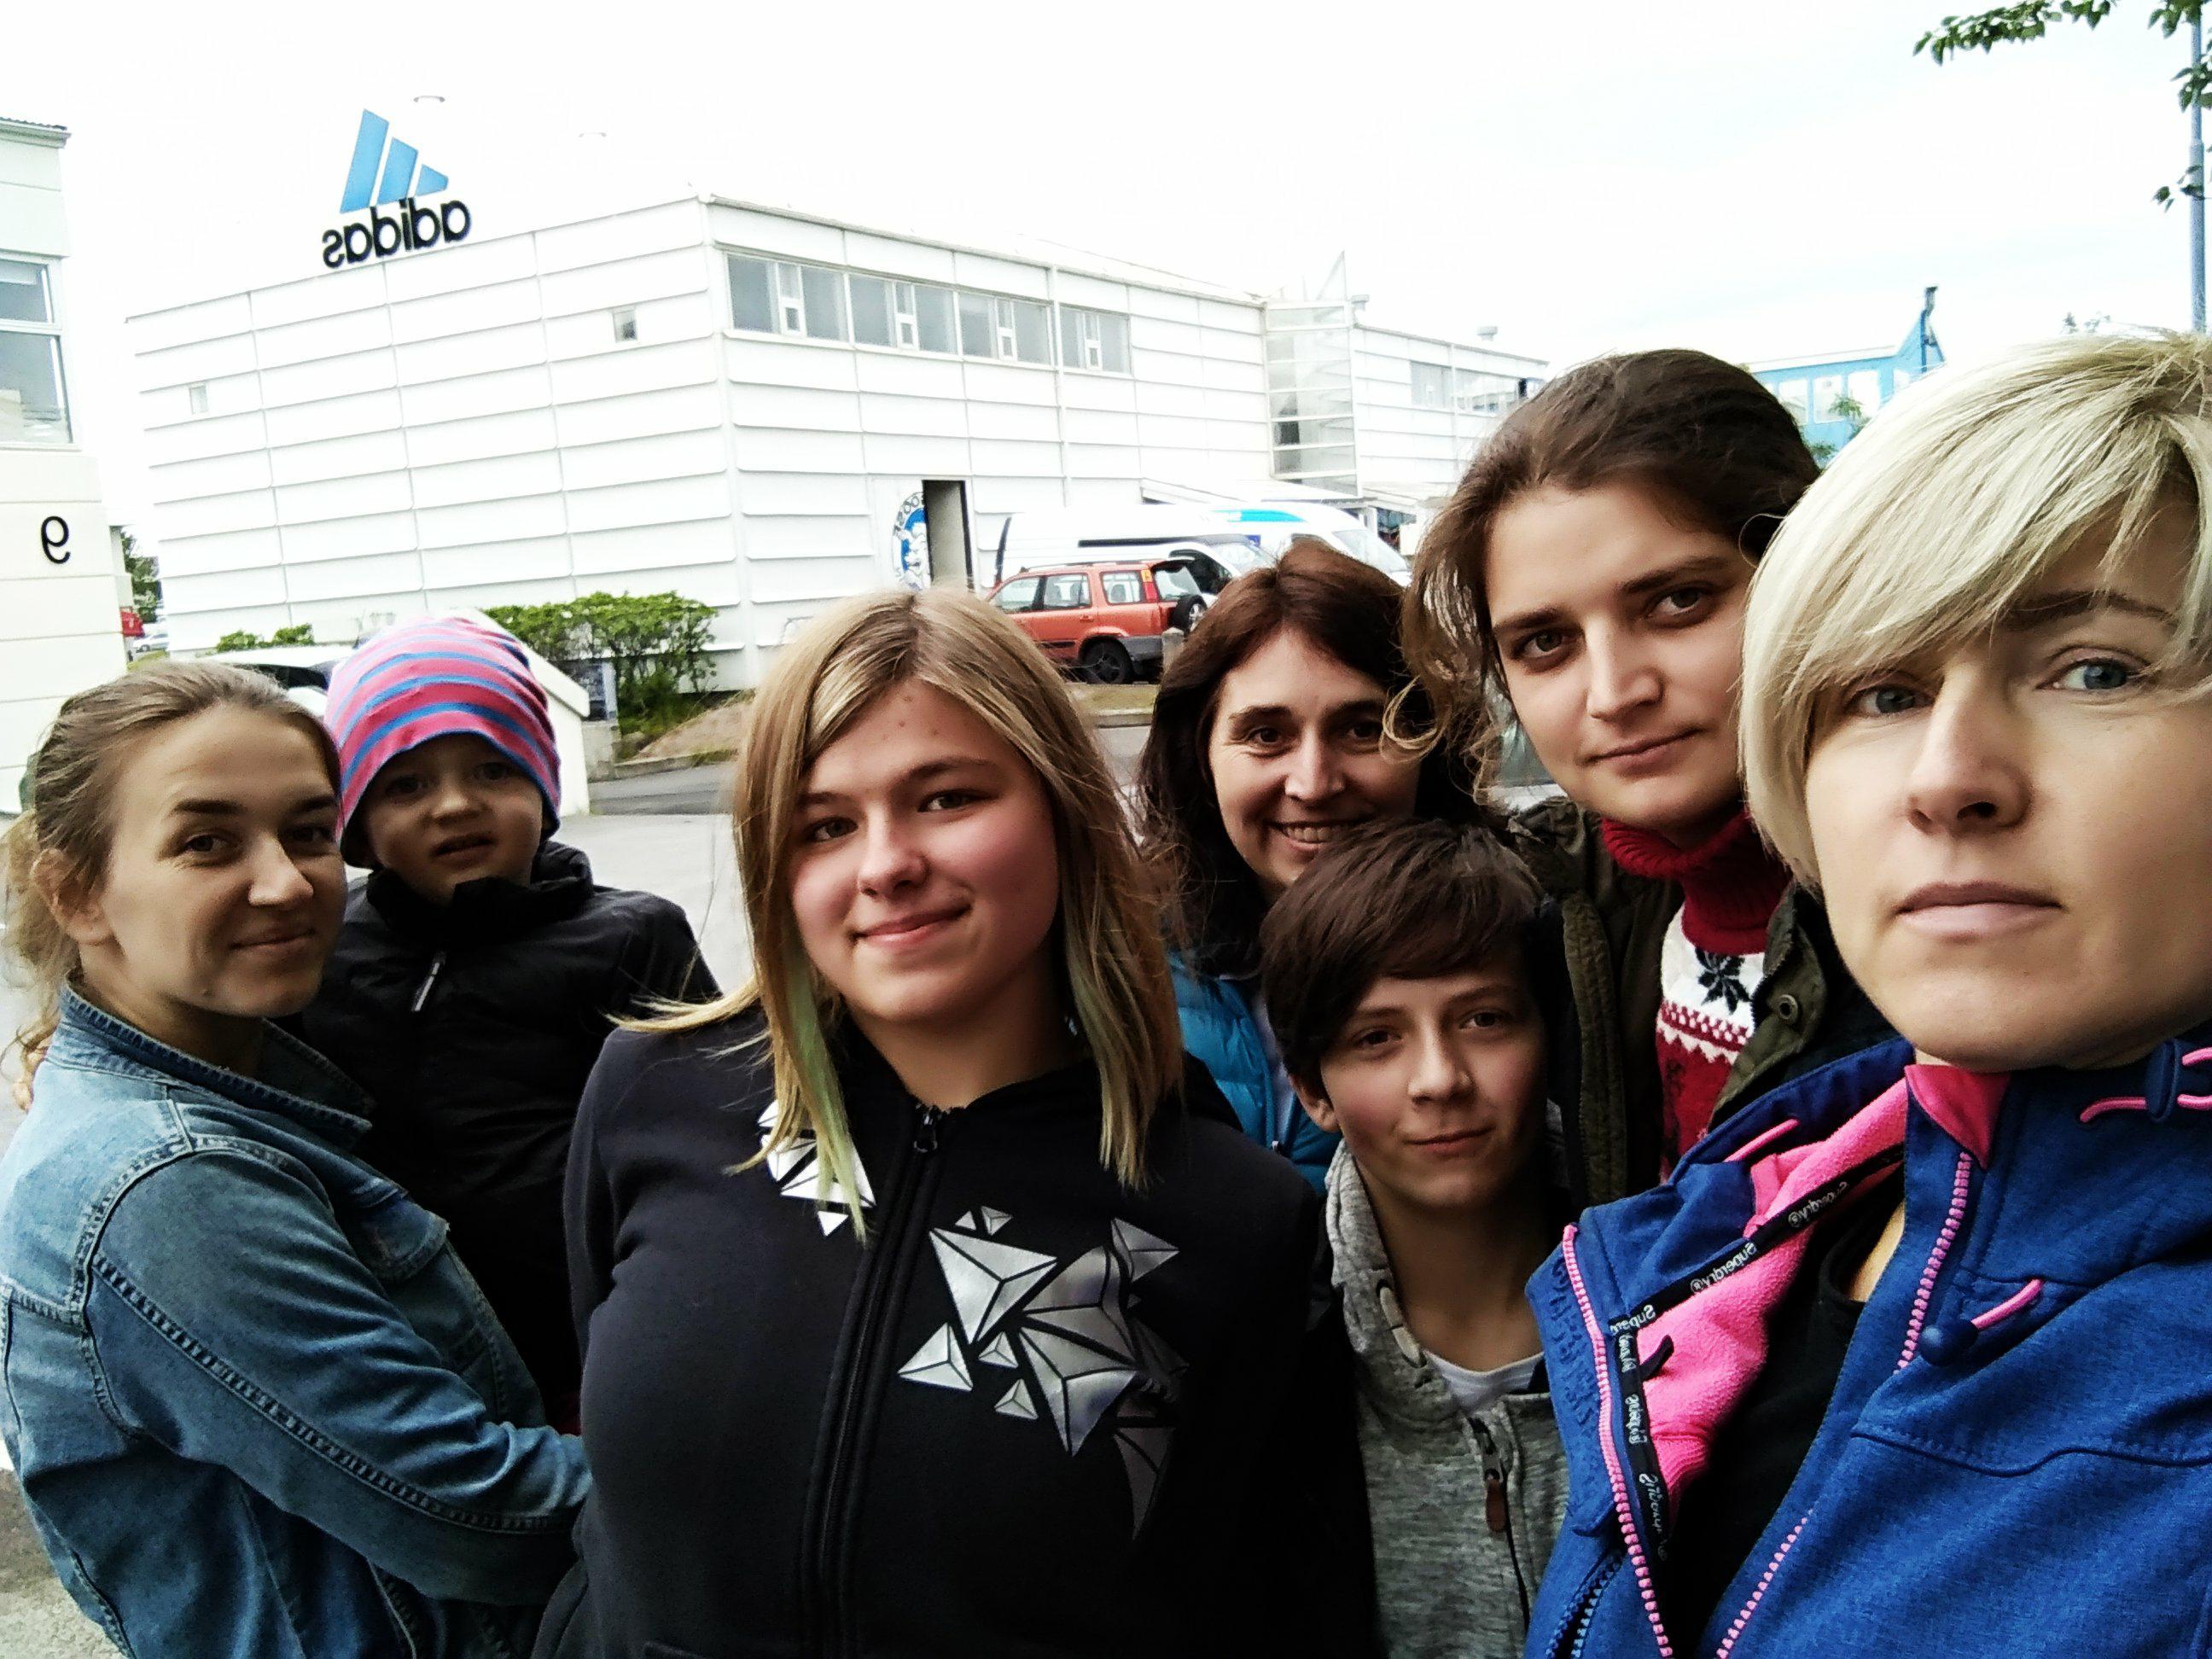 Наша команда в Ісландії. Ми потрапили на острів завдяки родині українців, що мешкають в Ісландії – Михайлу Мельнику та Любомирі Петрук! Вони приймають ветеранок на відпочинок та реабілітацію у рамках нашого проекту «Мандри ветеранок». Запросили і нас, як організаторів проекту